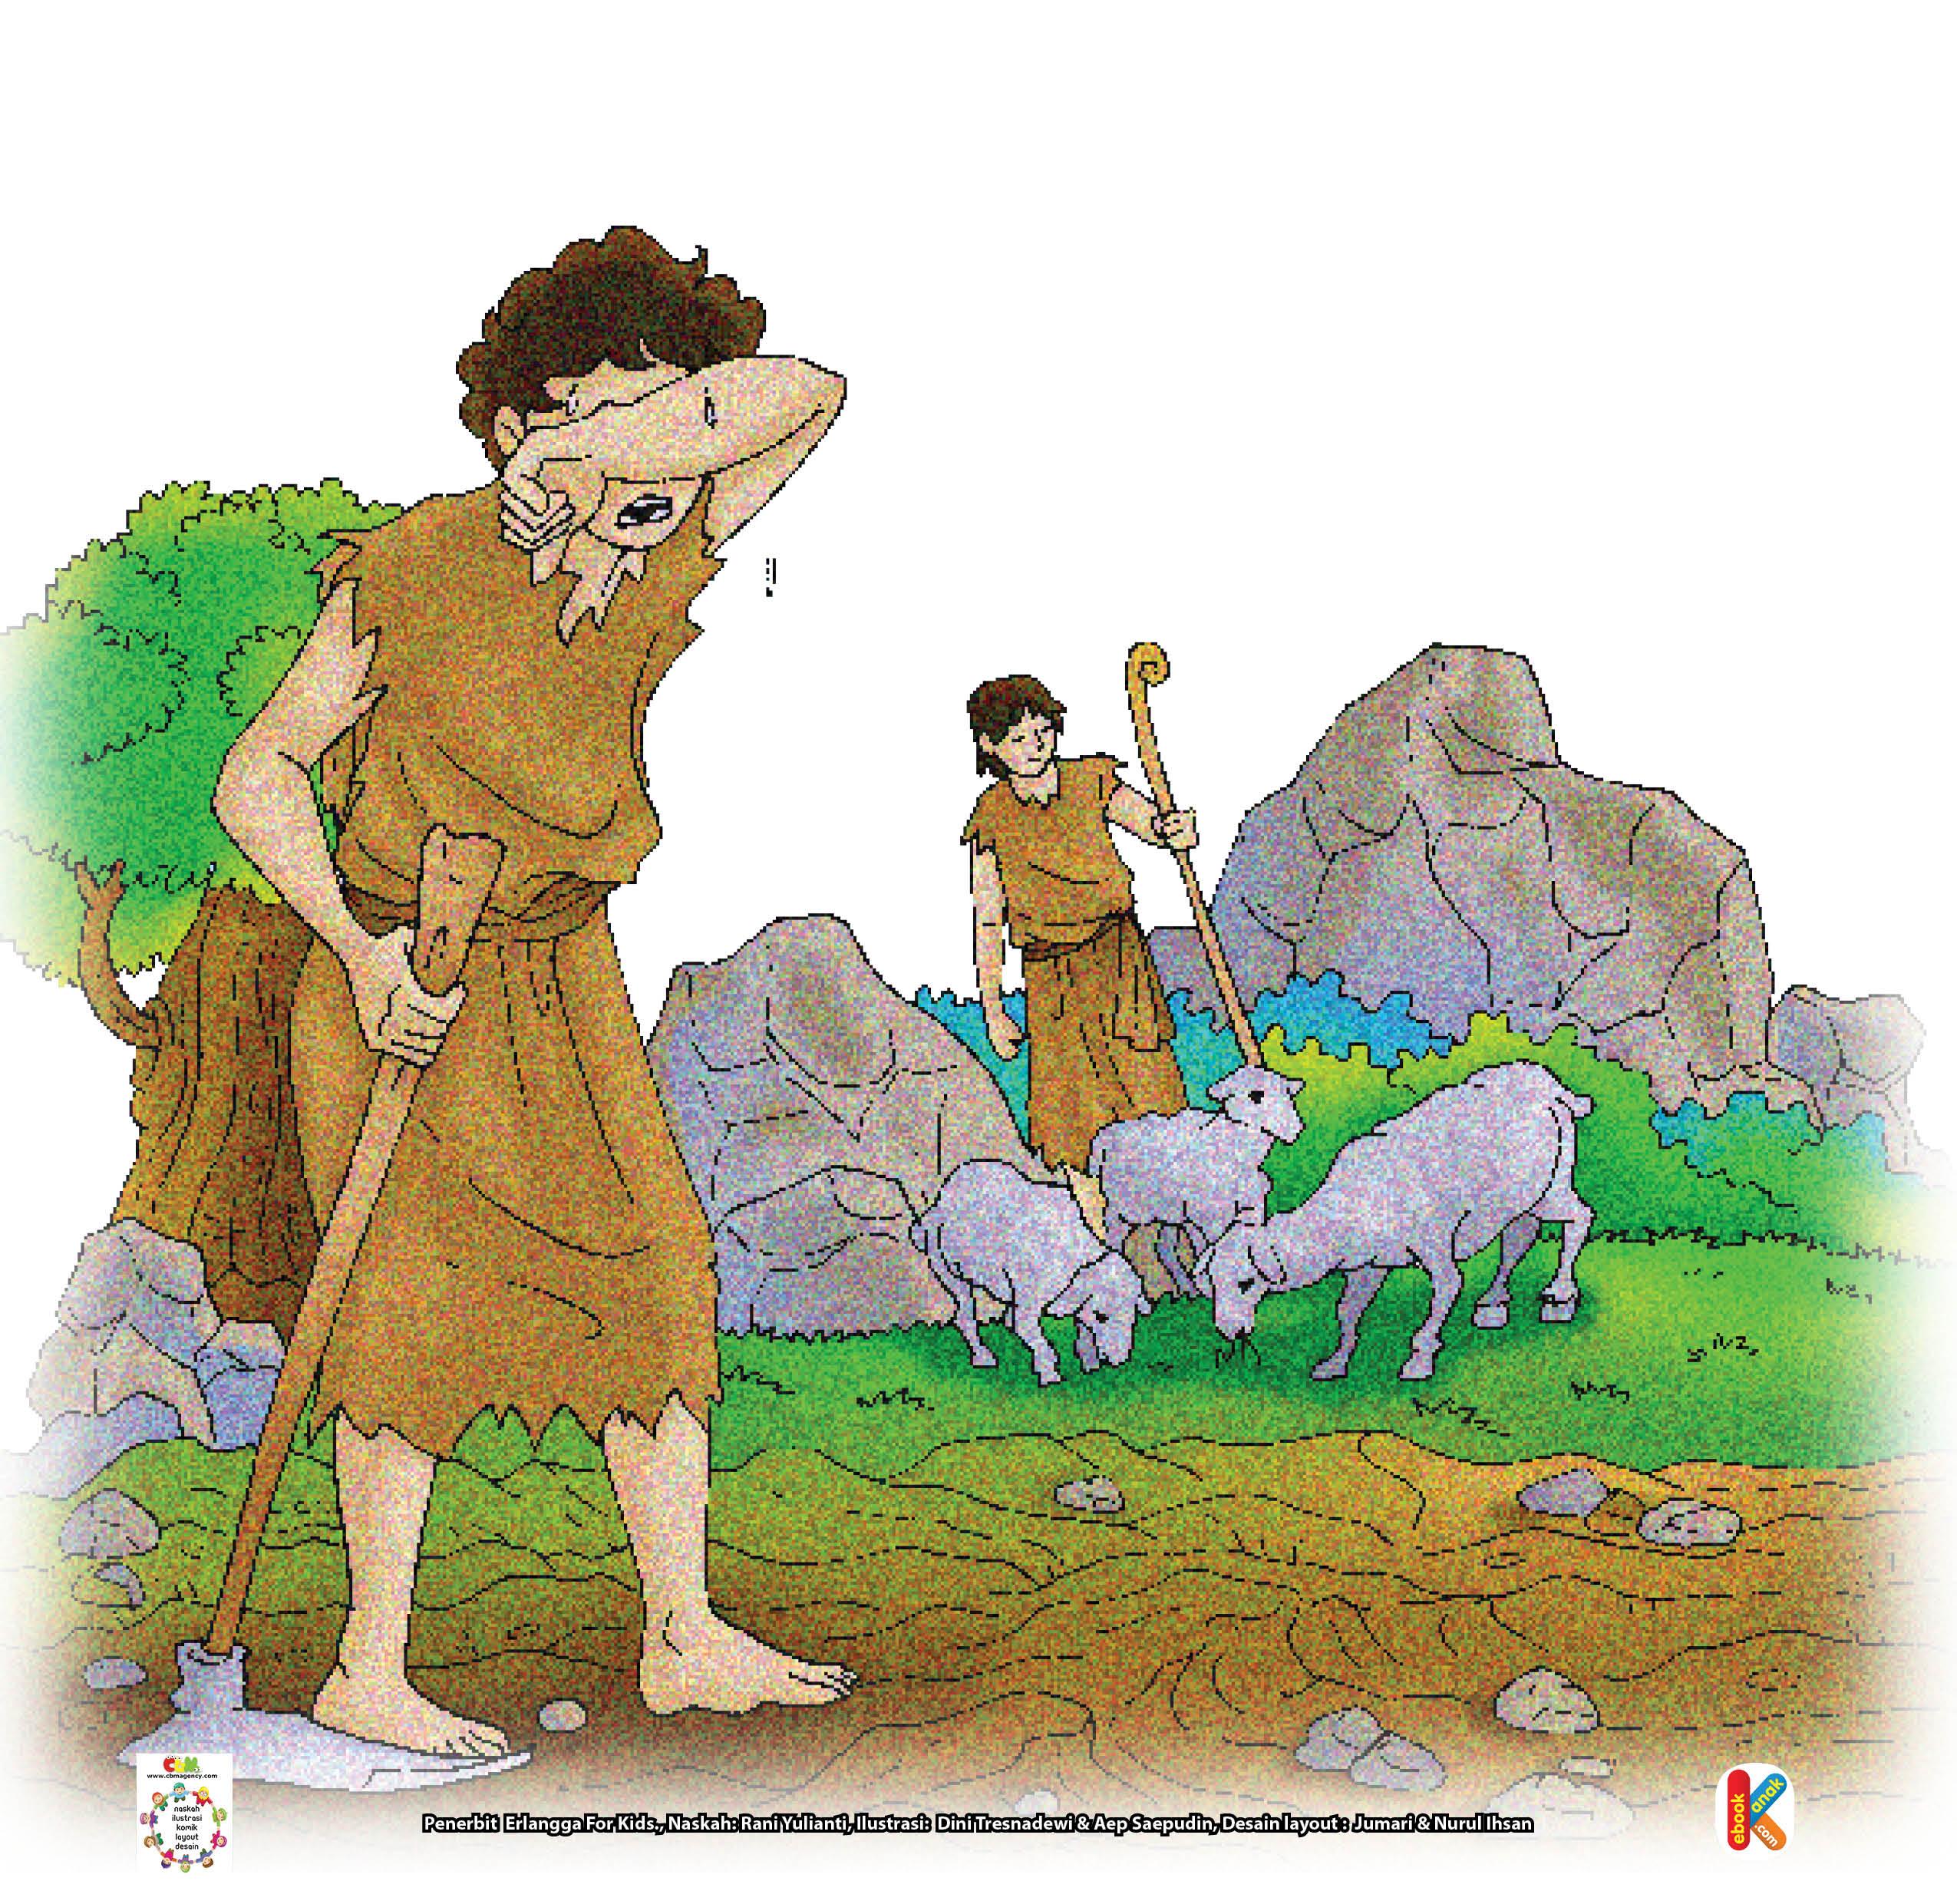 Nabi Adam diturunkan di India, sedangkan Hawa diturunkan di Arab.